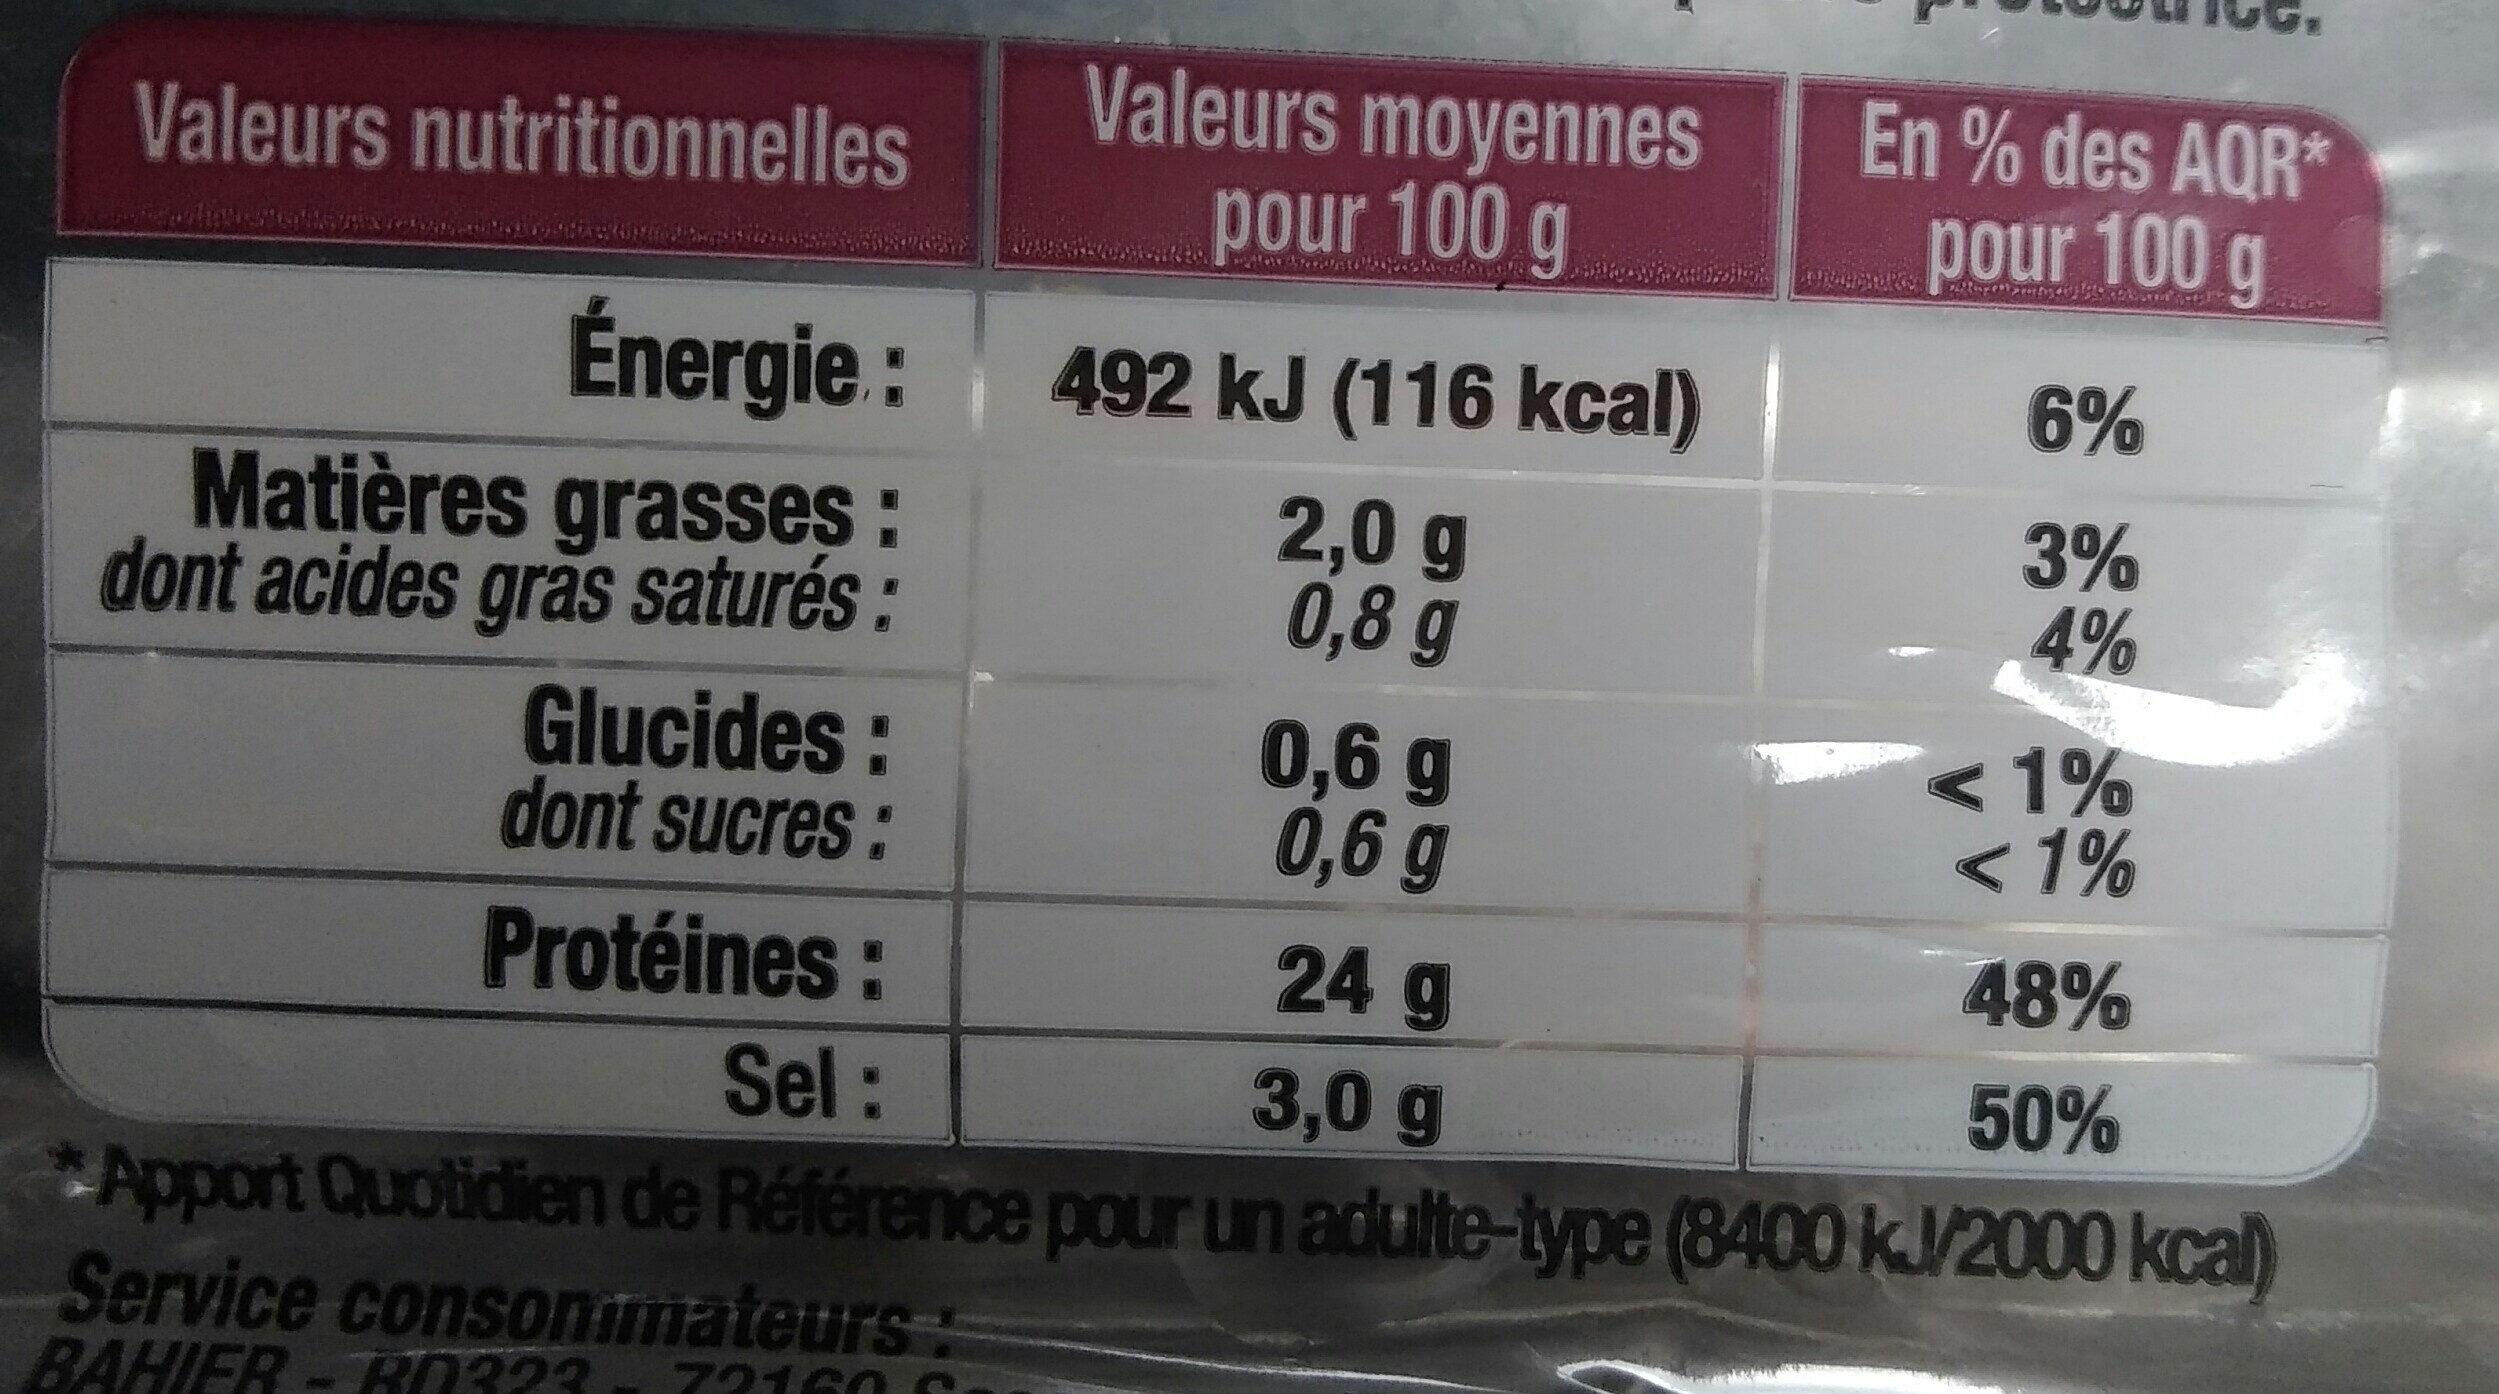 Filet Mignon Fumé au bois de hêtre - Nutrition facts - fr